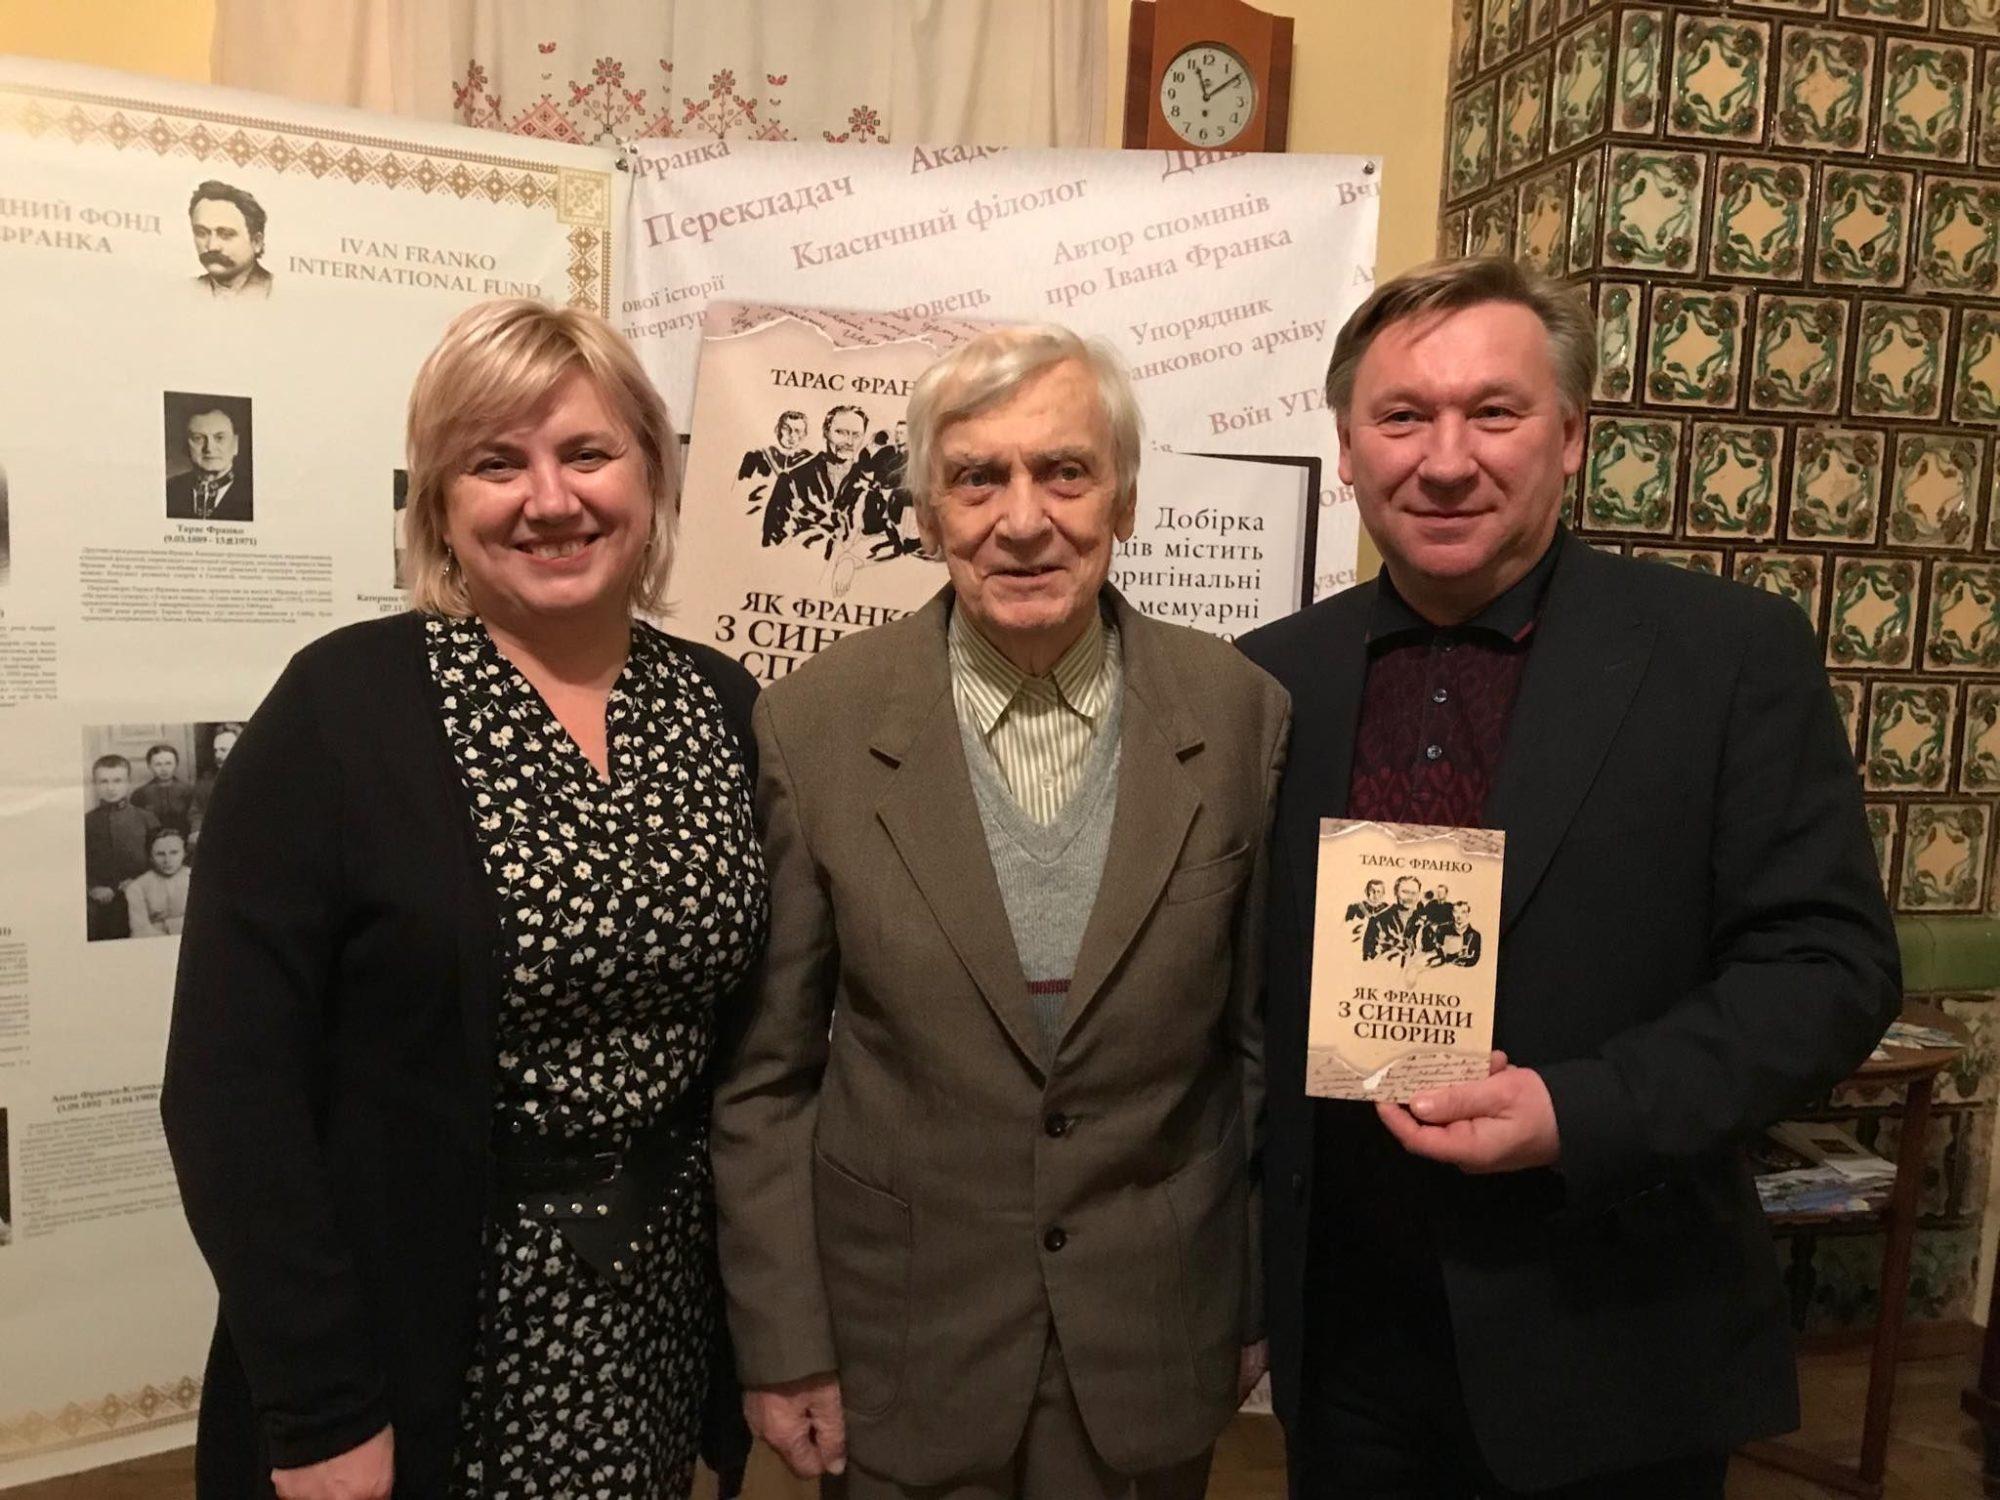 Книгу зі споминами сина Івана Франка презентували у Києві